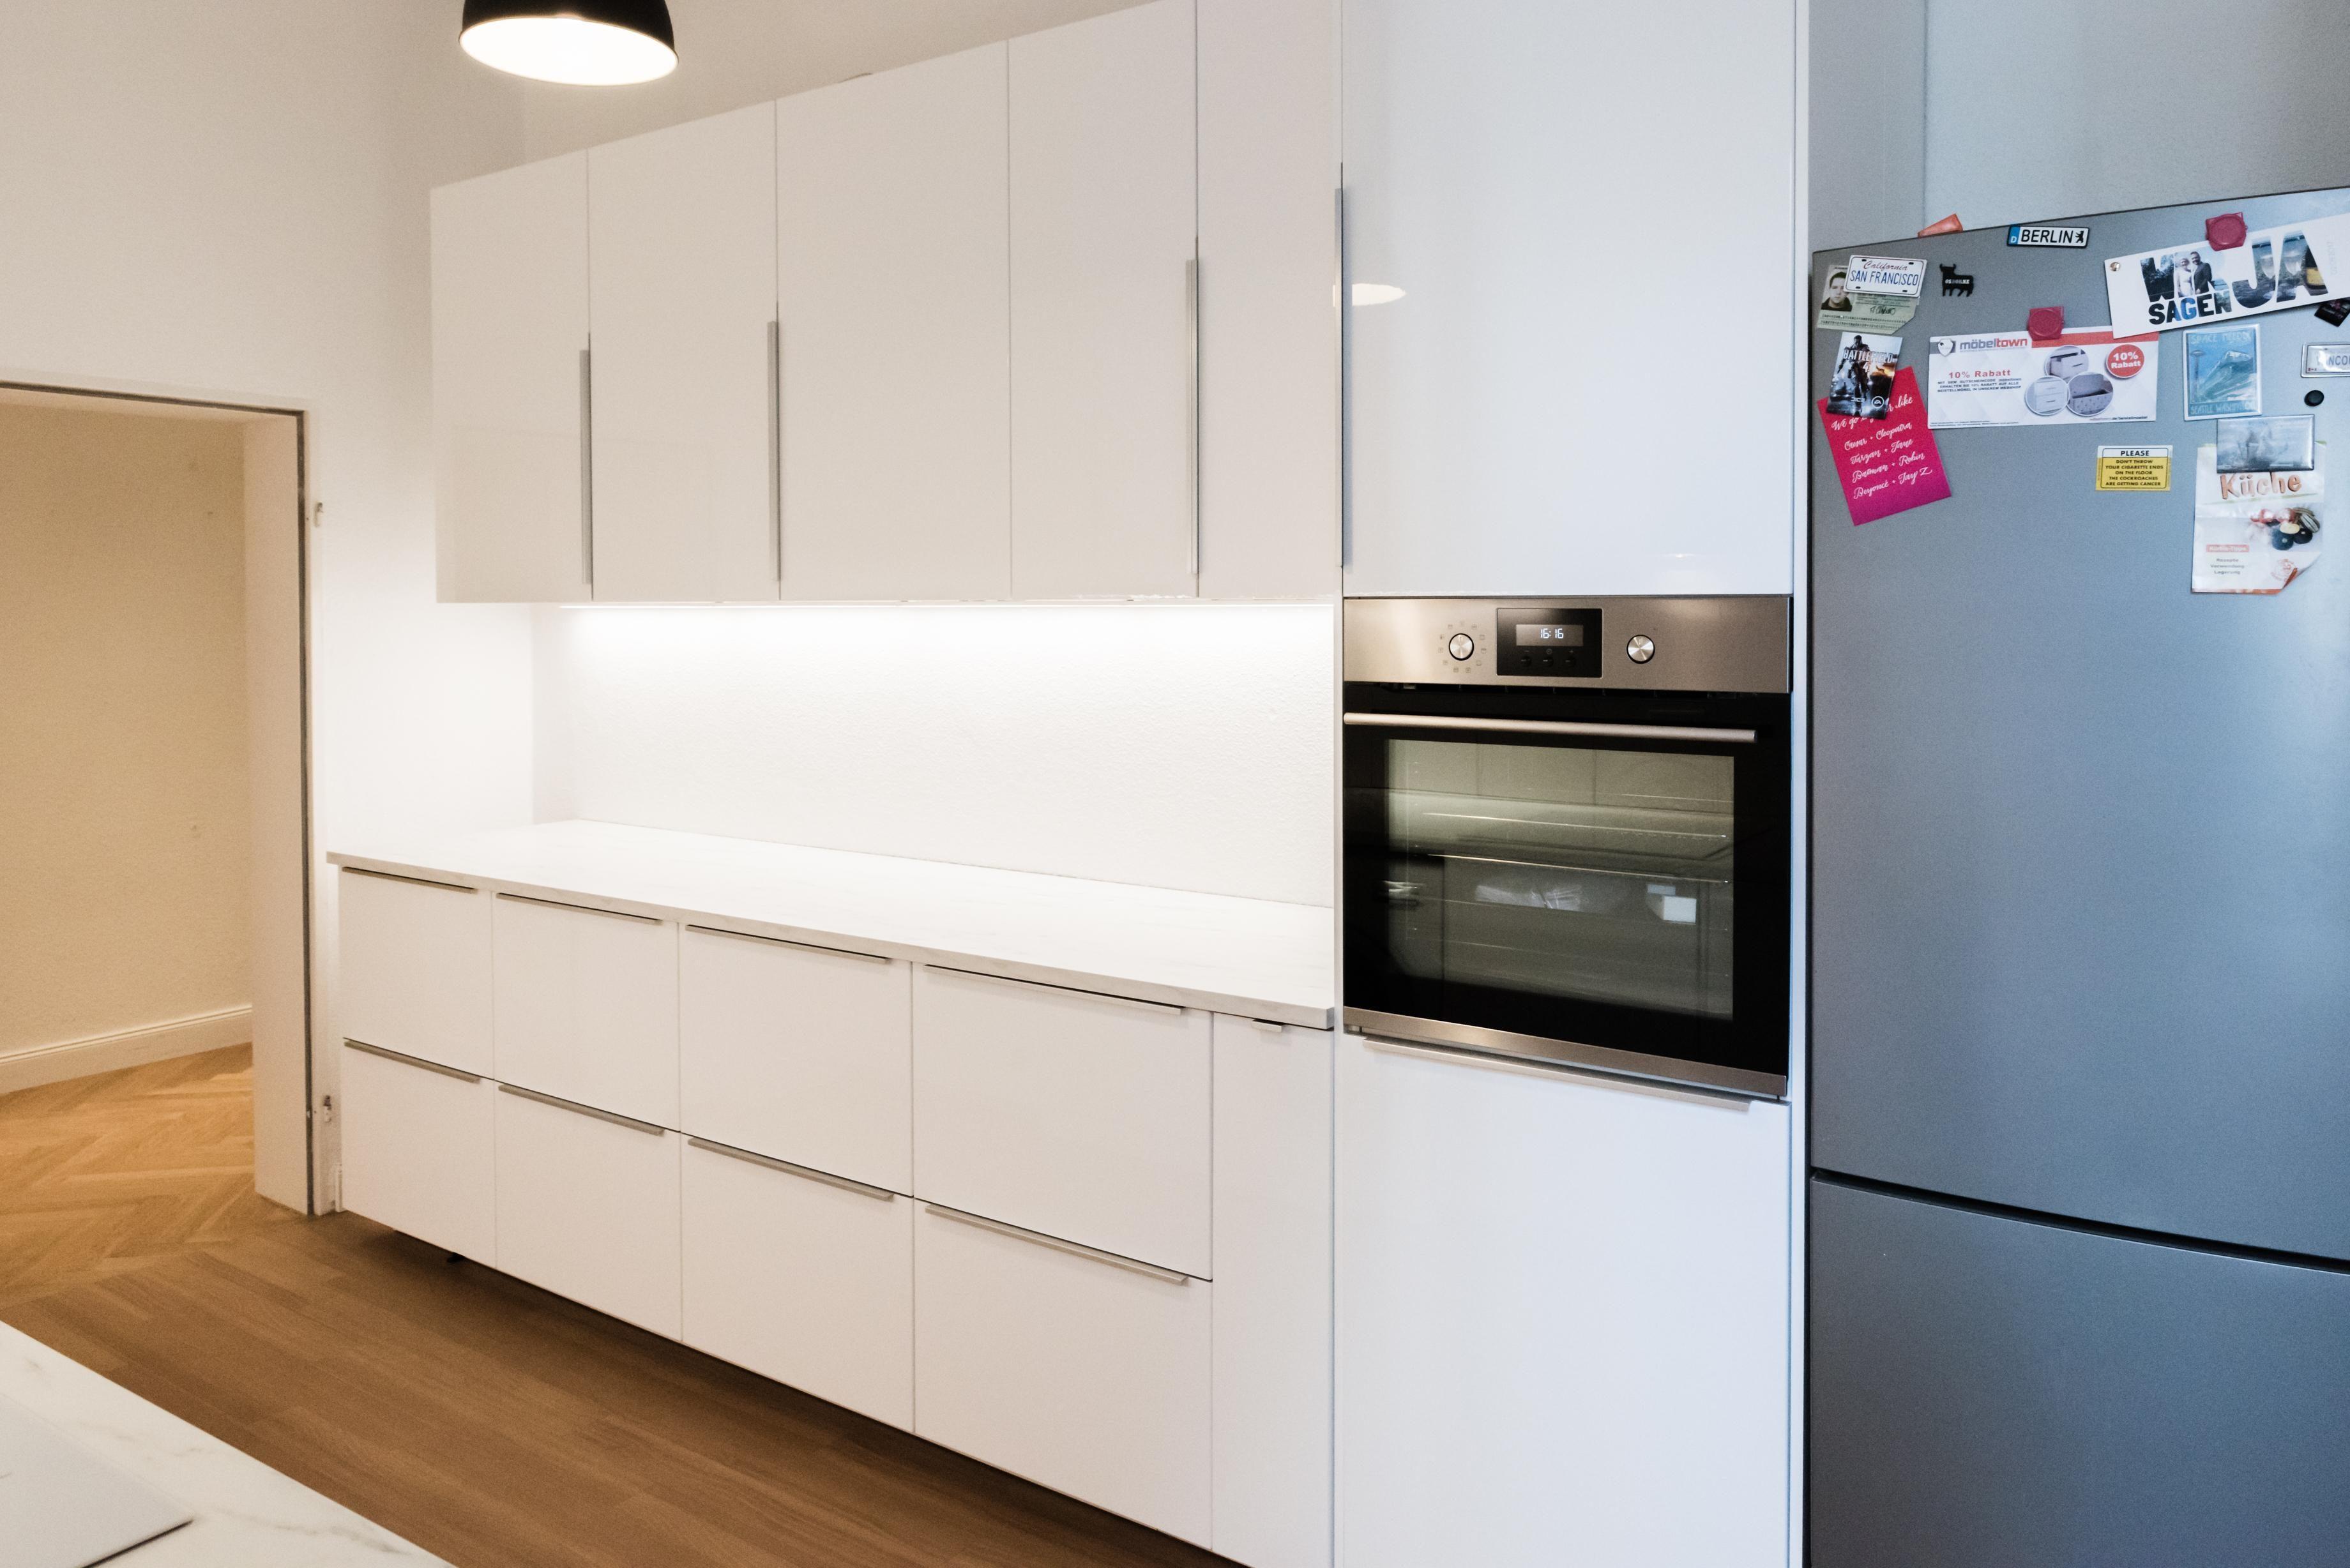 Ikea Ekestad Keuken : Ikea küchen märsta. küche esszimmer wohnzimmer in einem raum ikea